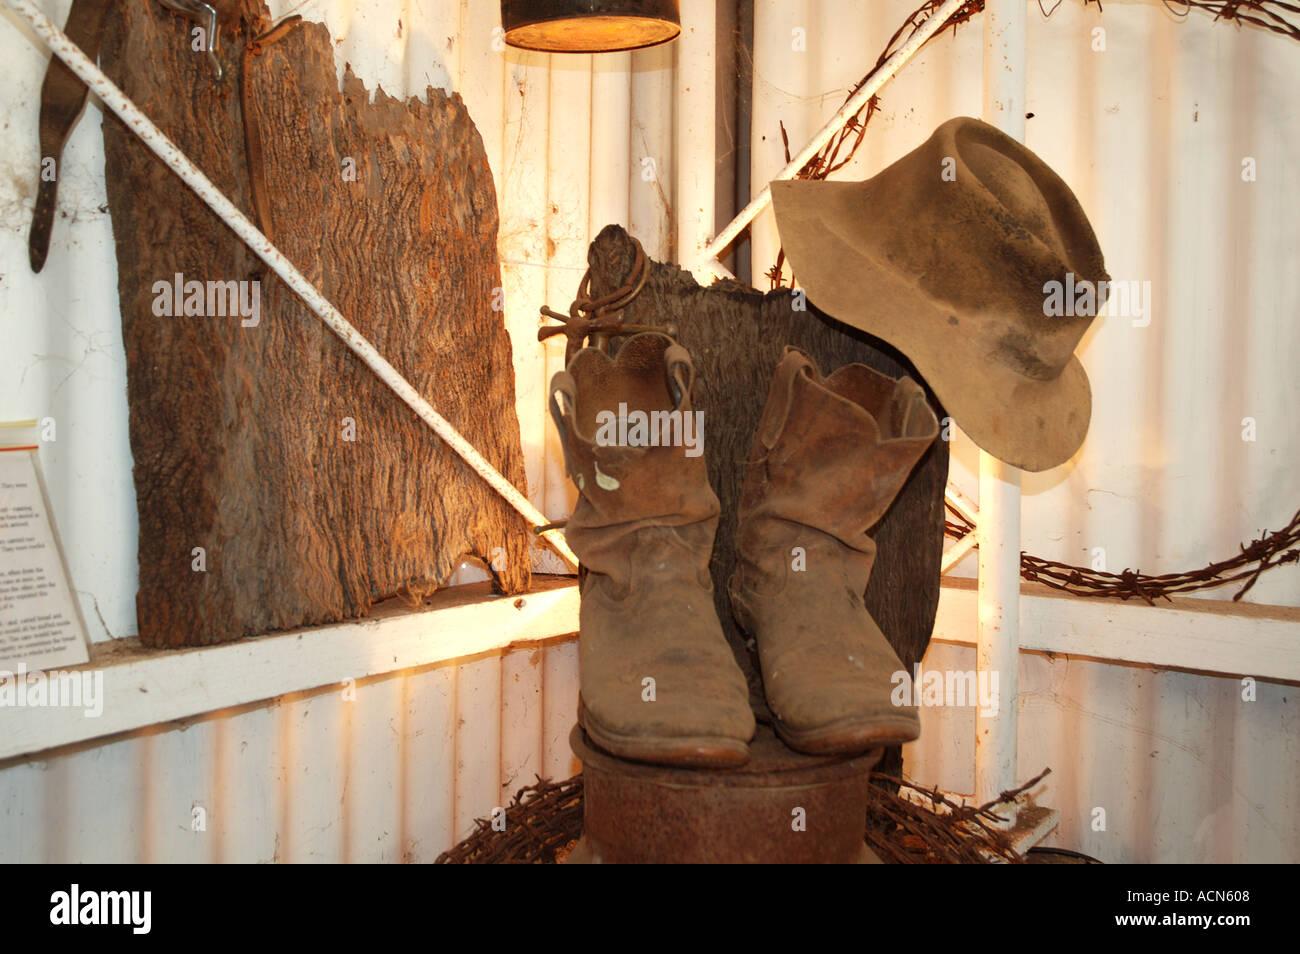 Vecchio episteme hat e R M Williams stivali outback Australia dsc 2363 Immagini Stock